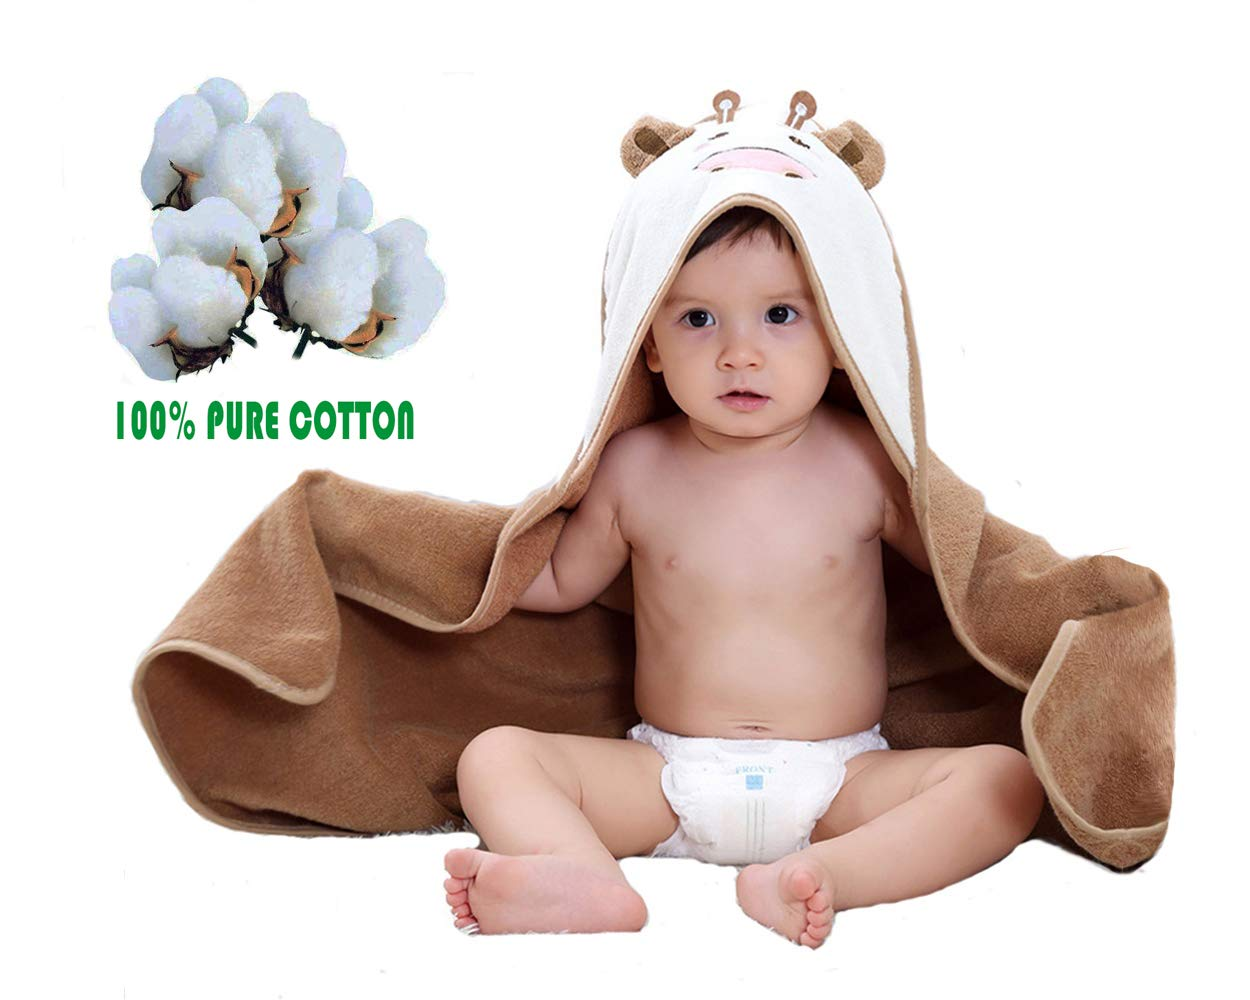 Leedemore-Cartoon Little Cow puro cotone mantello incappucciato tovagliolo di bagno, Bambino appena nato con cappuccio Swaddle, asciugamano per bambini (0-5 anni) 704630098665